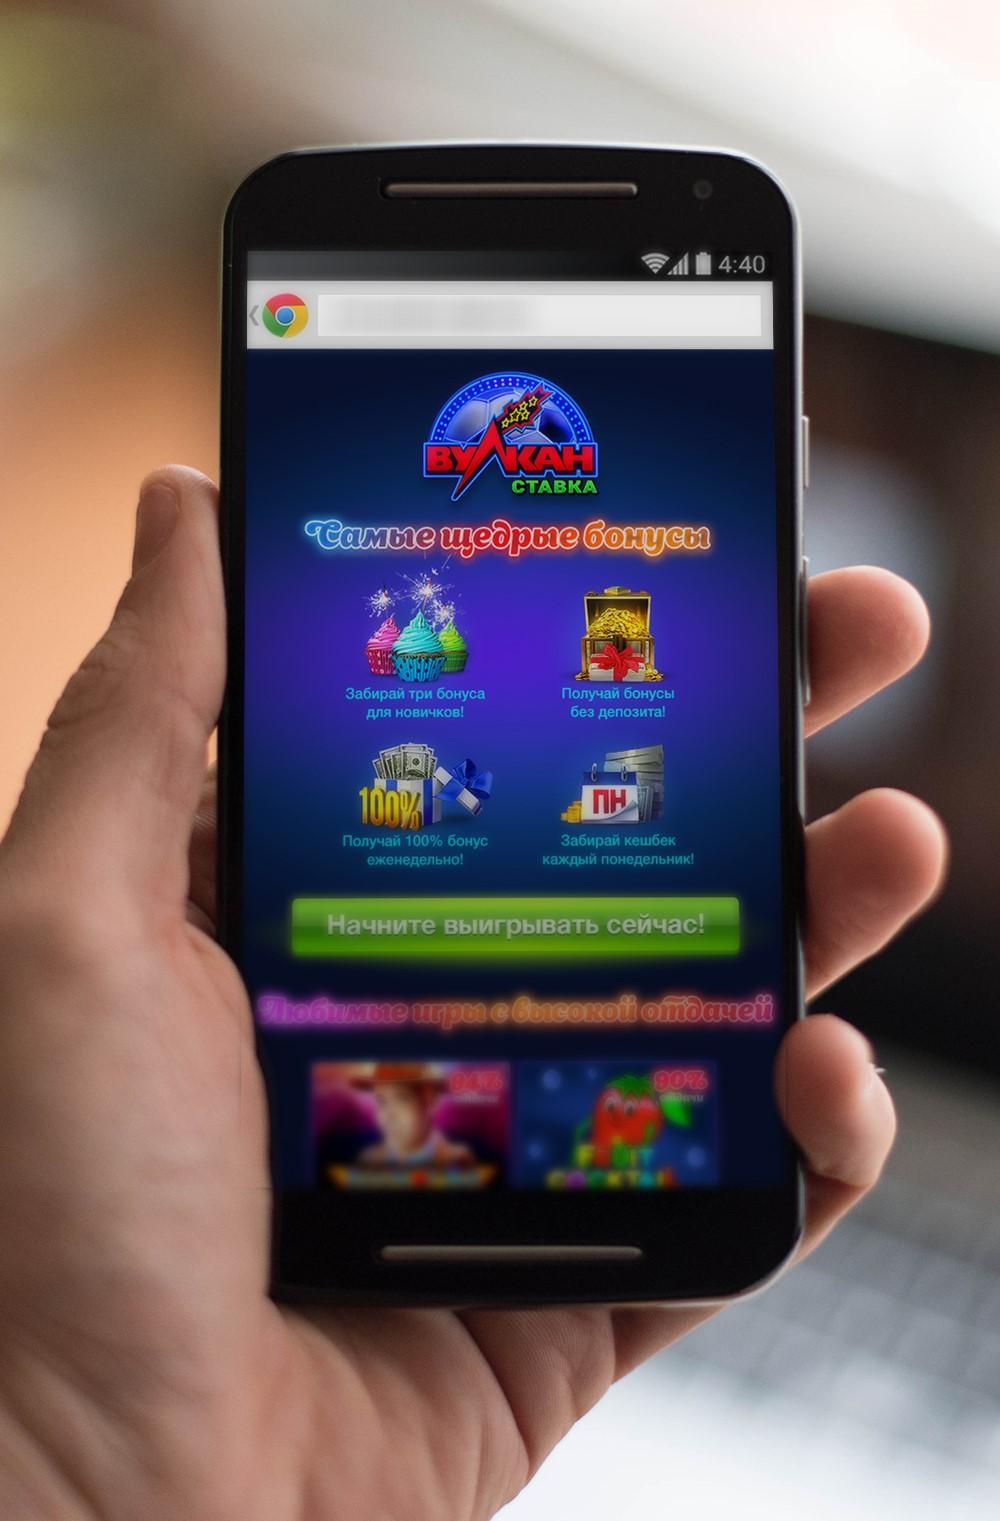 Вулкан играть на телефон Аполярный поставить приложение играть в рулетку в казино вулкан